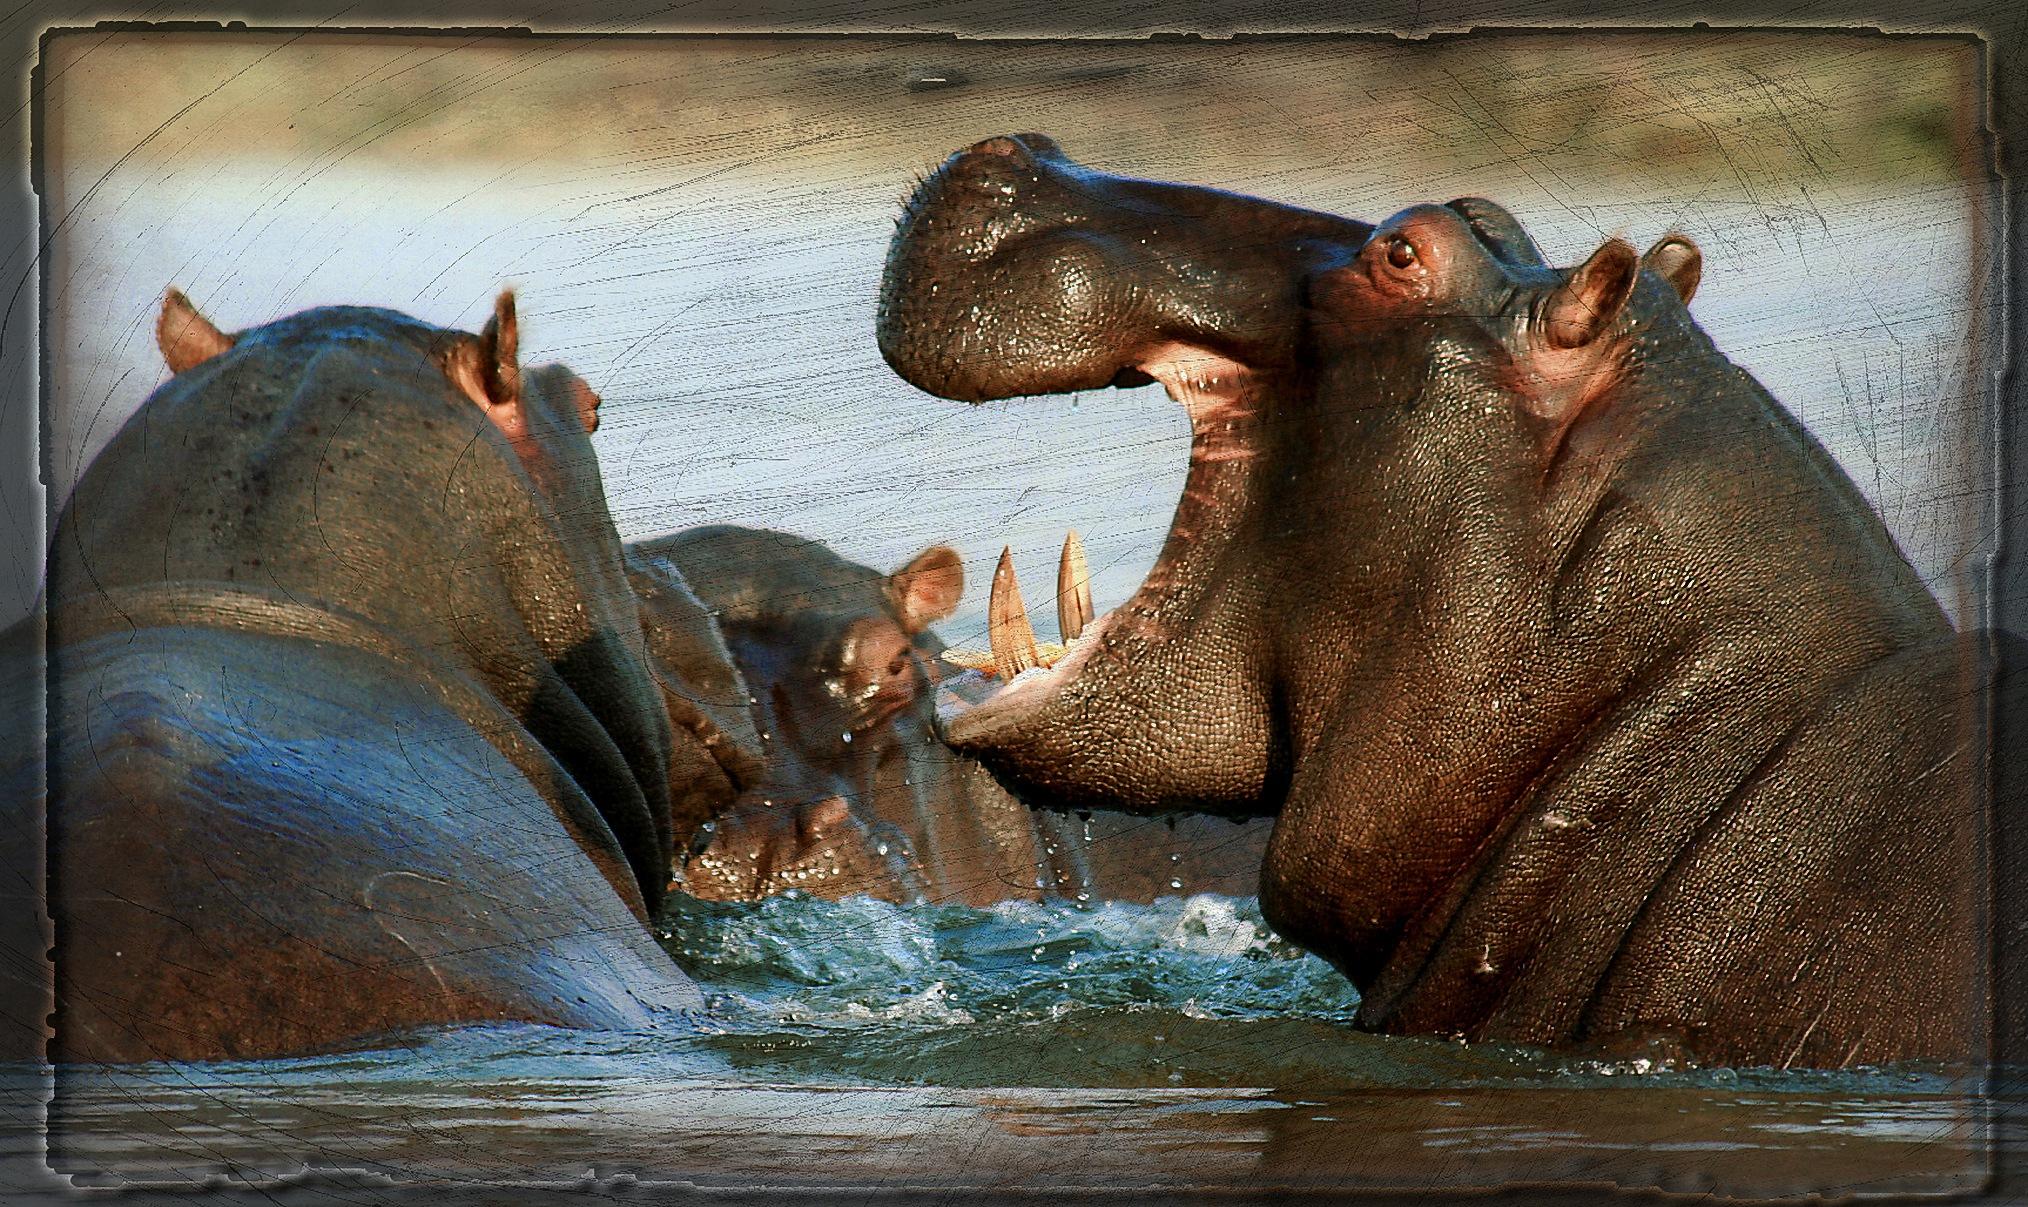 Hippopotamus by Brigitte Werner